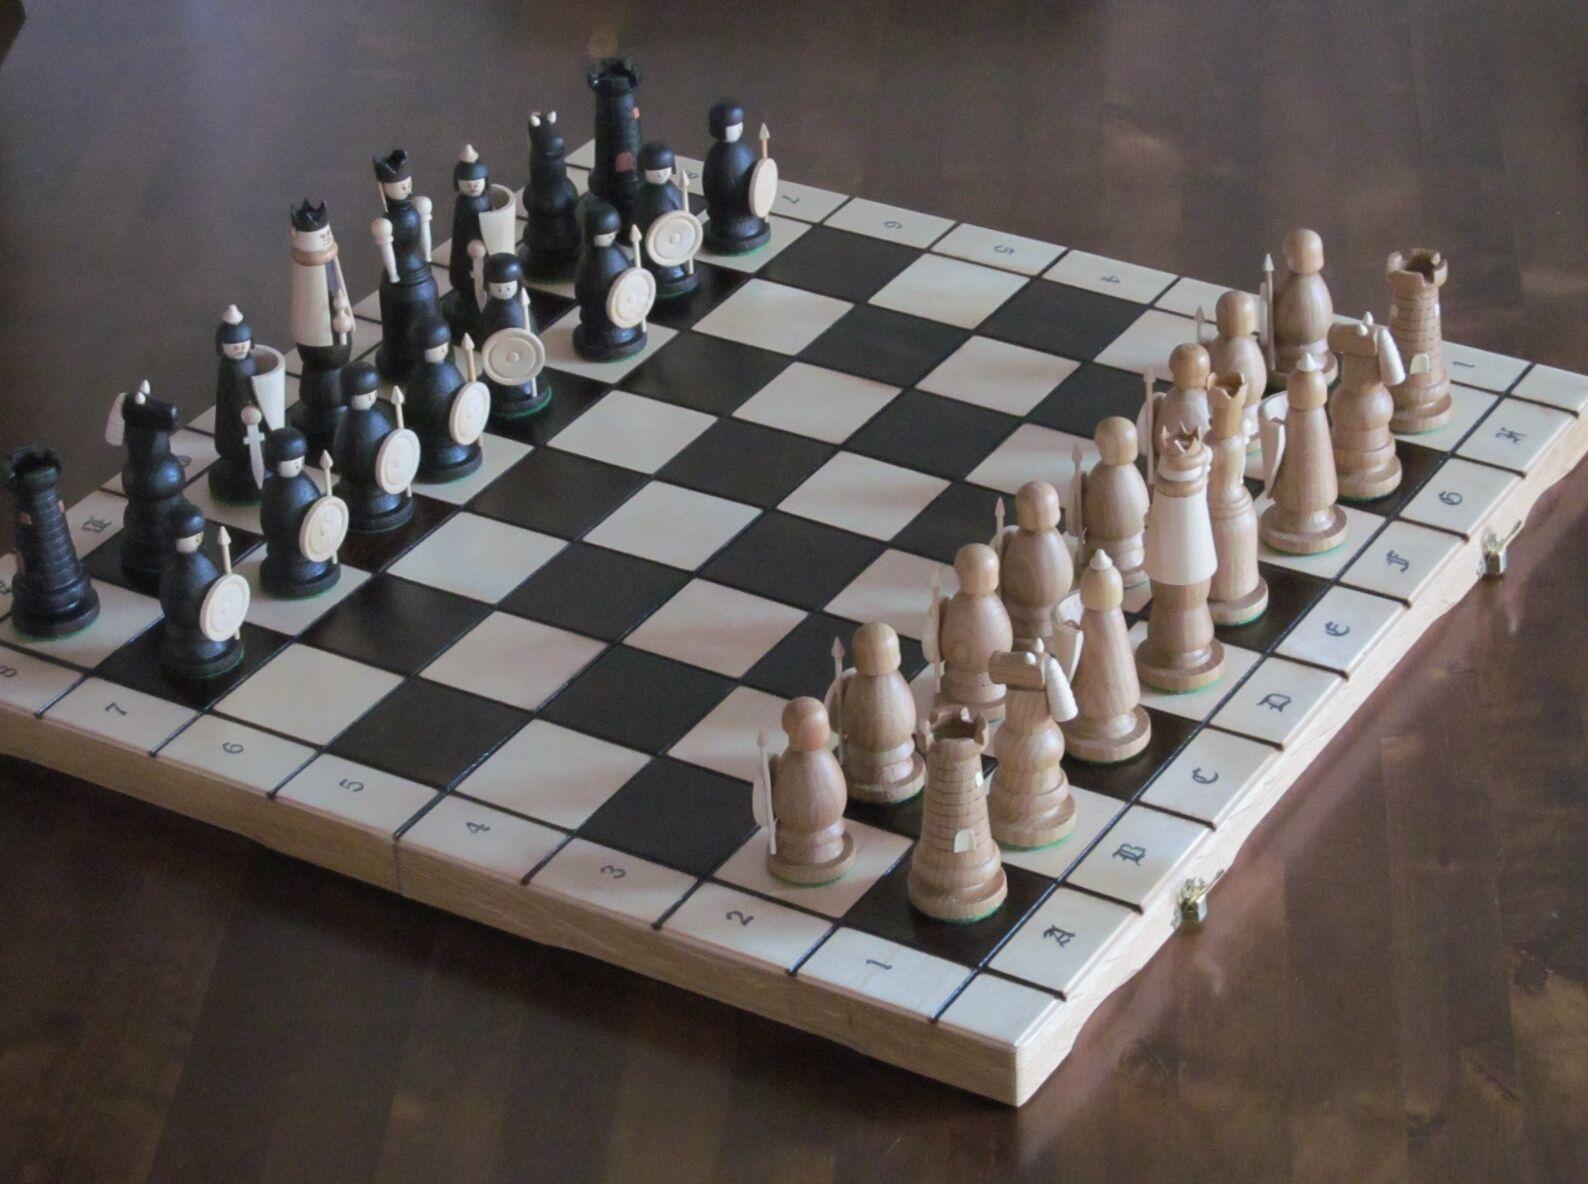 Nouvelle marque de luxe ♚ magnat artisanal jeu d'échecs en bois 56cmx56cm ♞